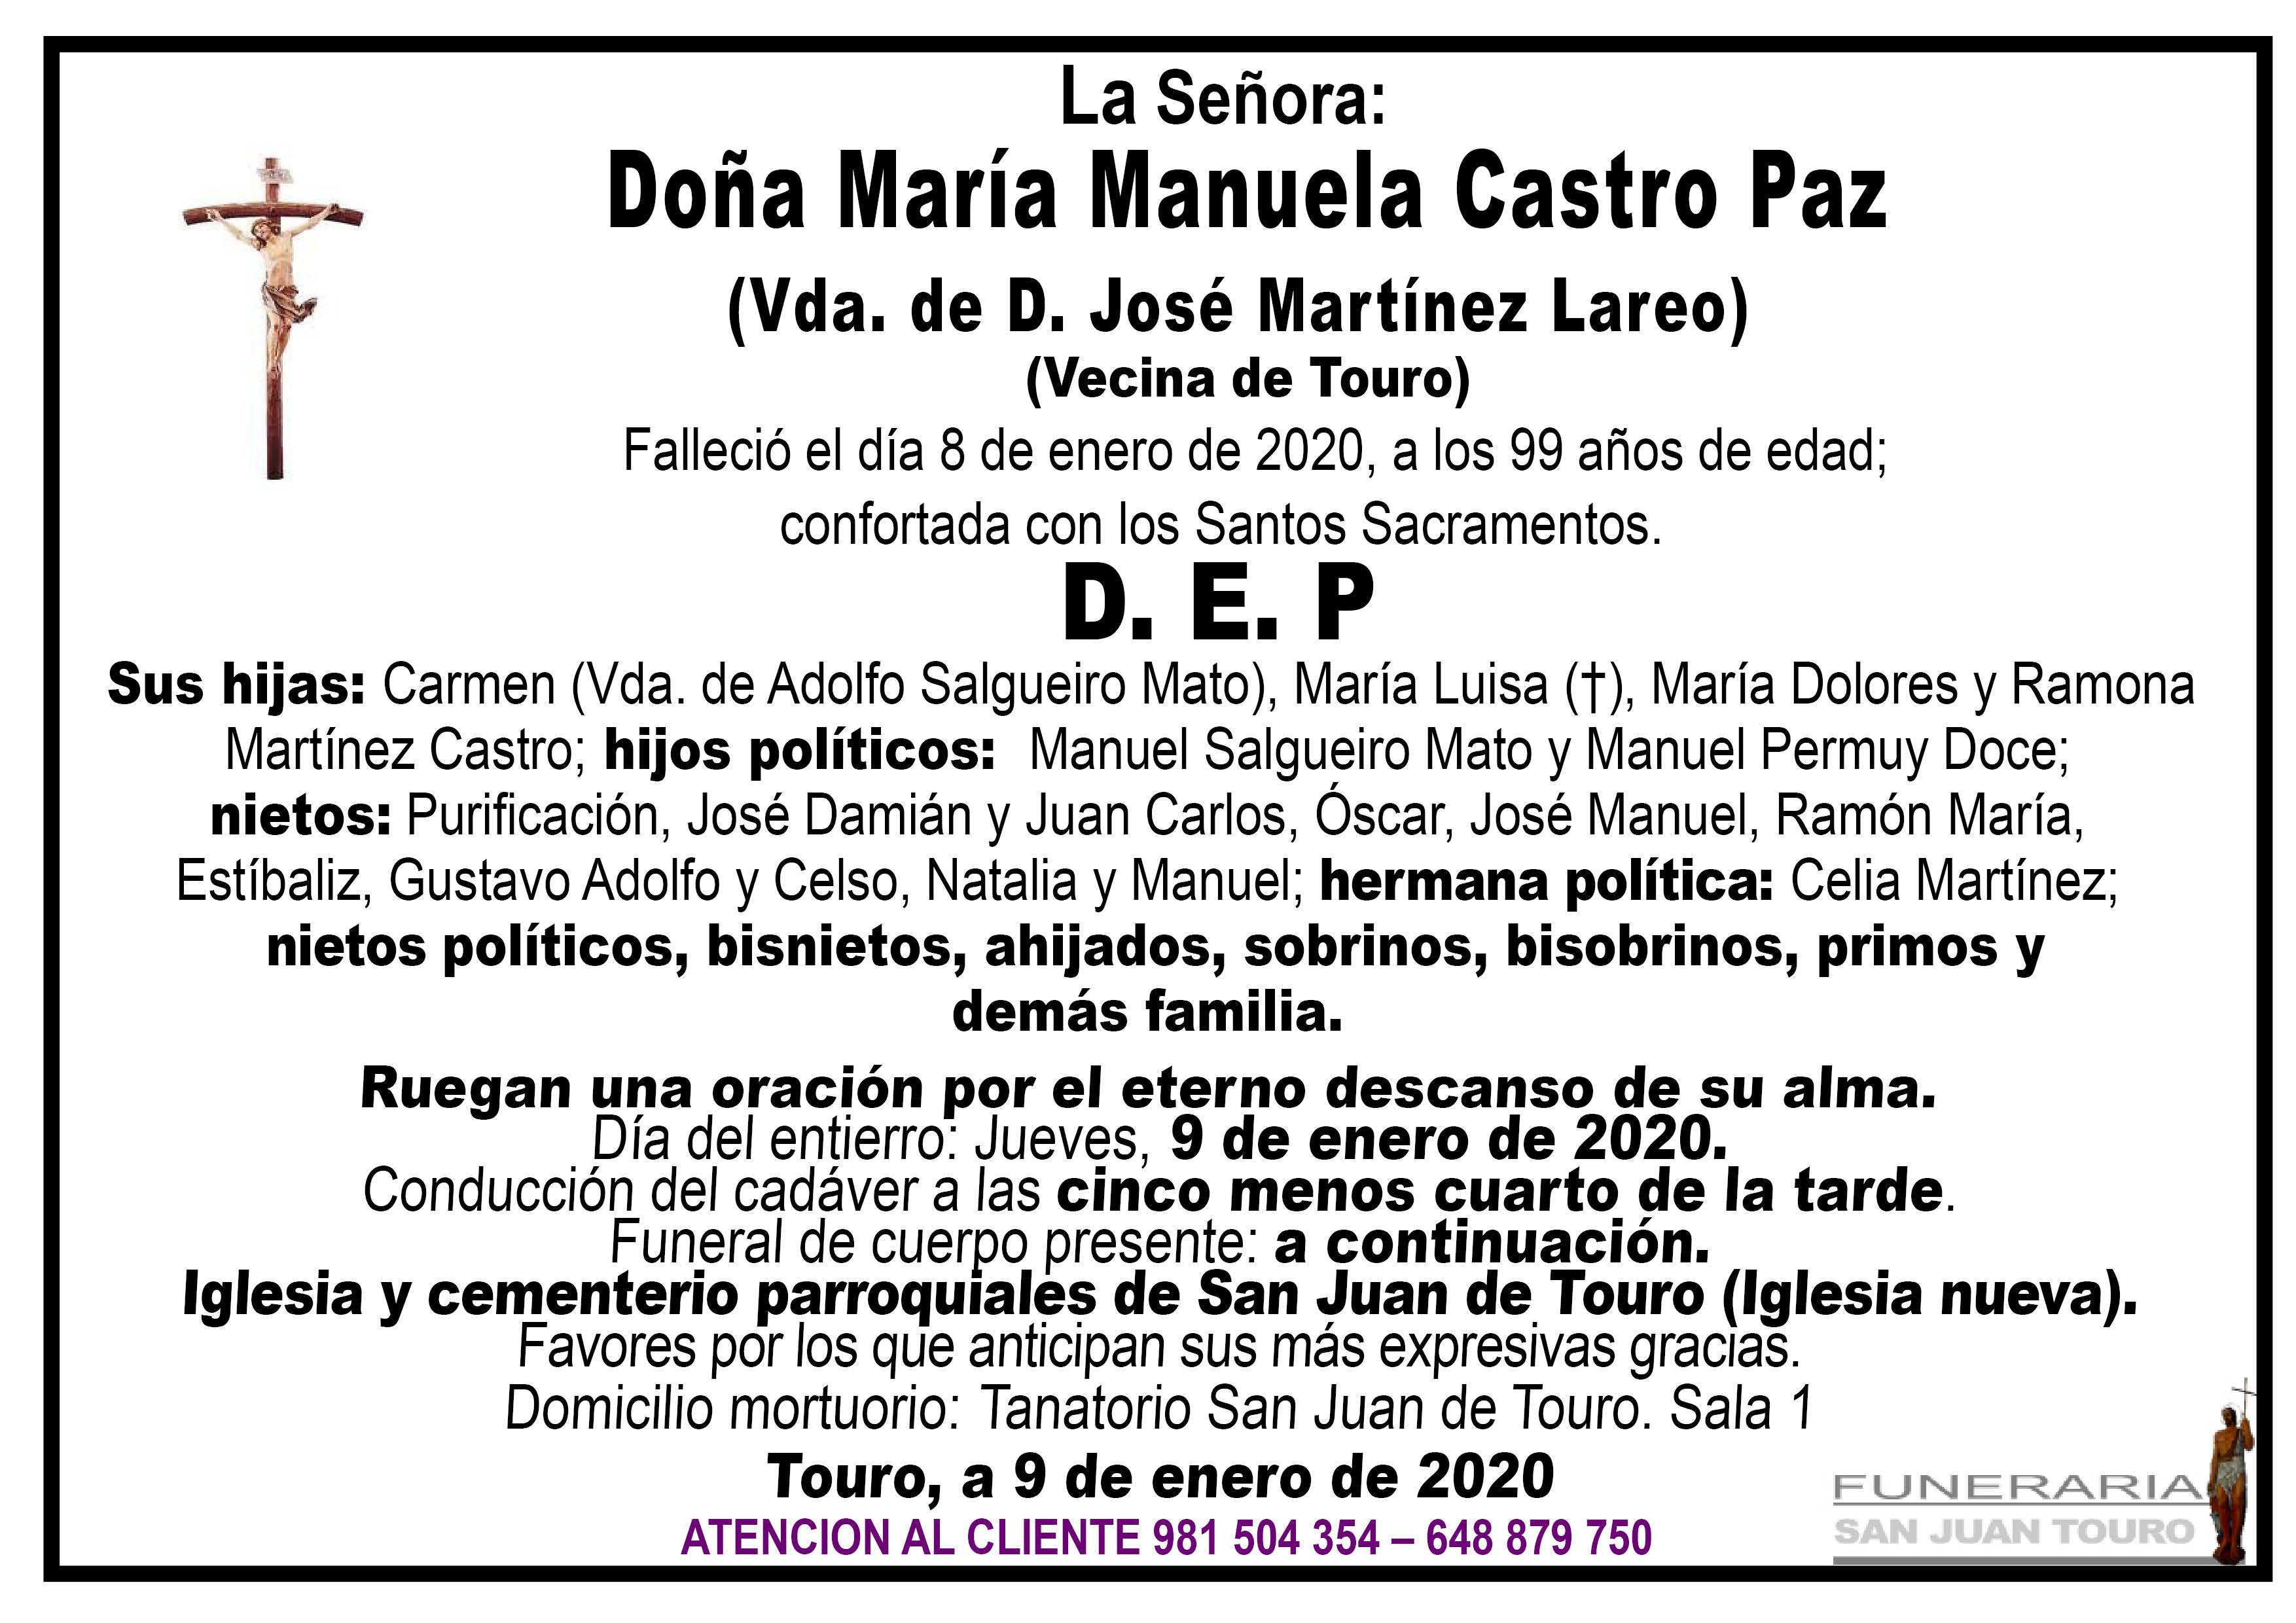 Esquela de SEPELIO DE DOÑA MARÍA MANUELA CASTRO PAZ